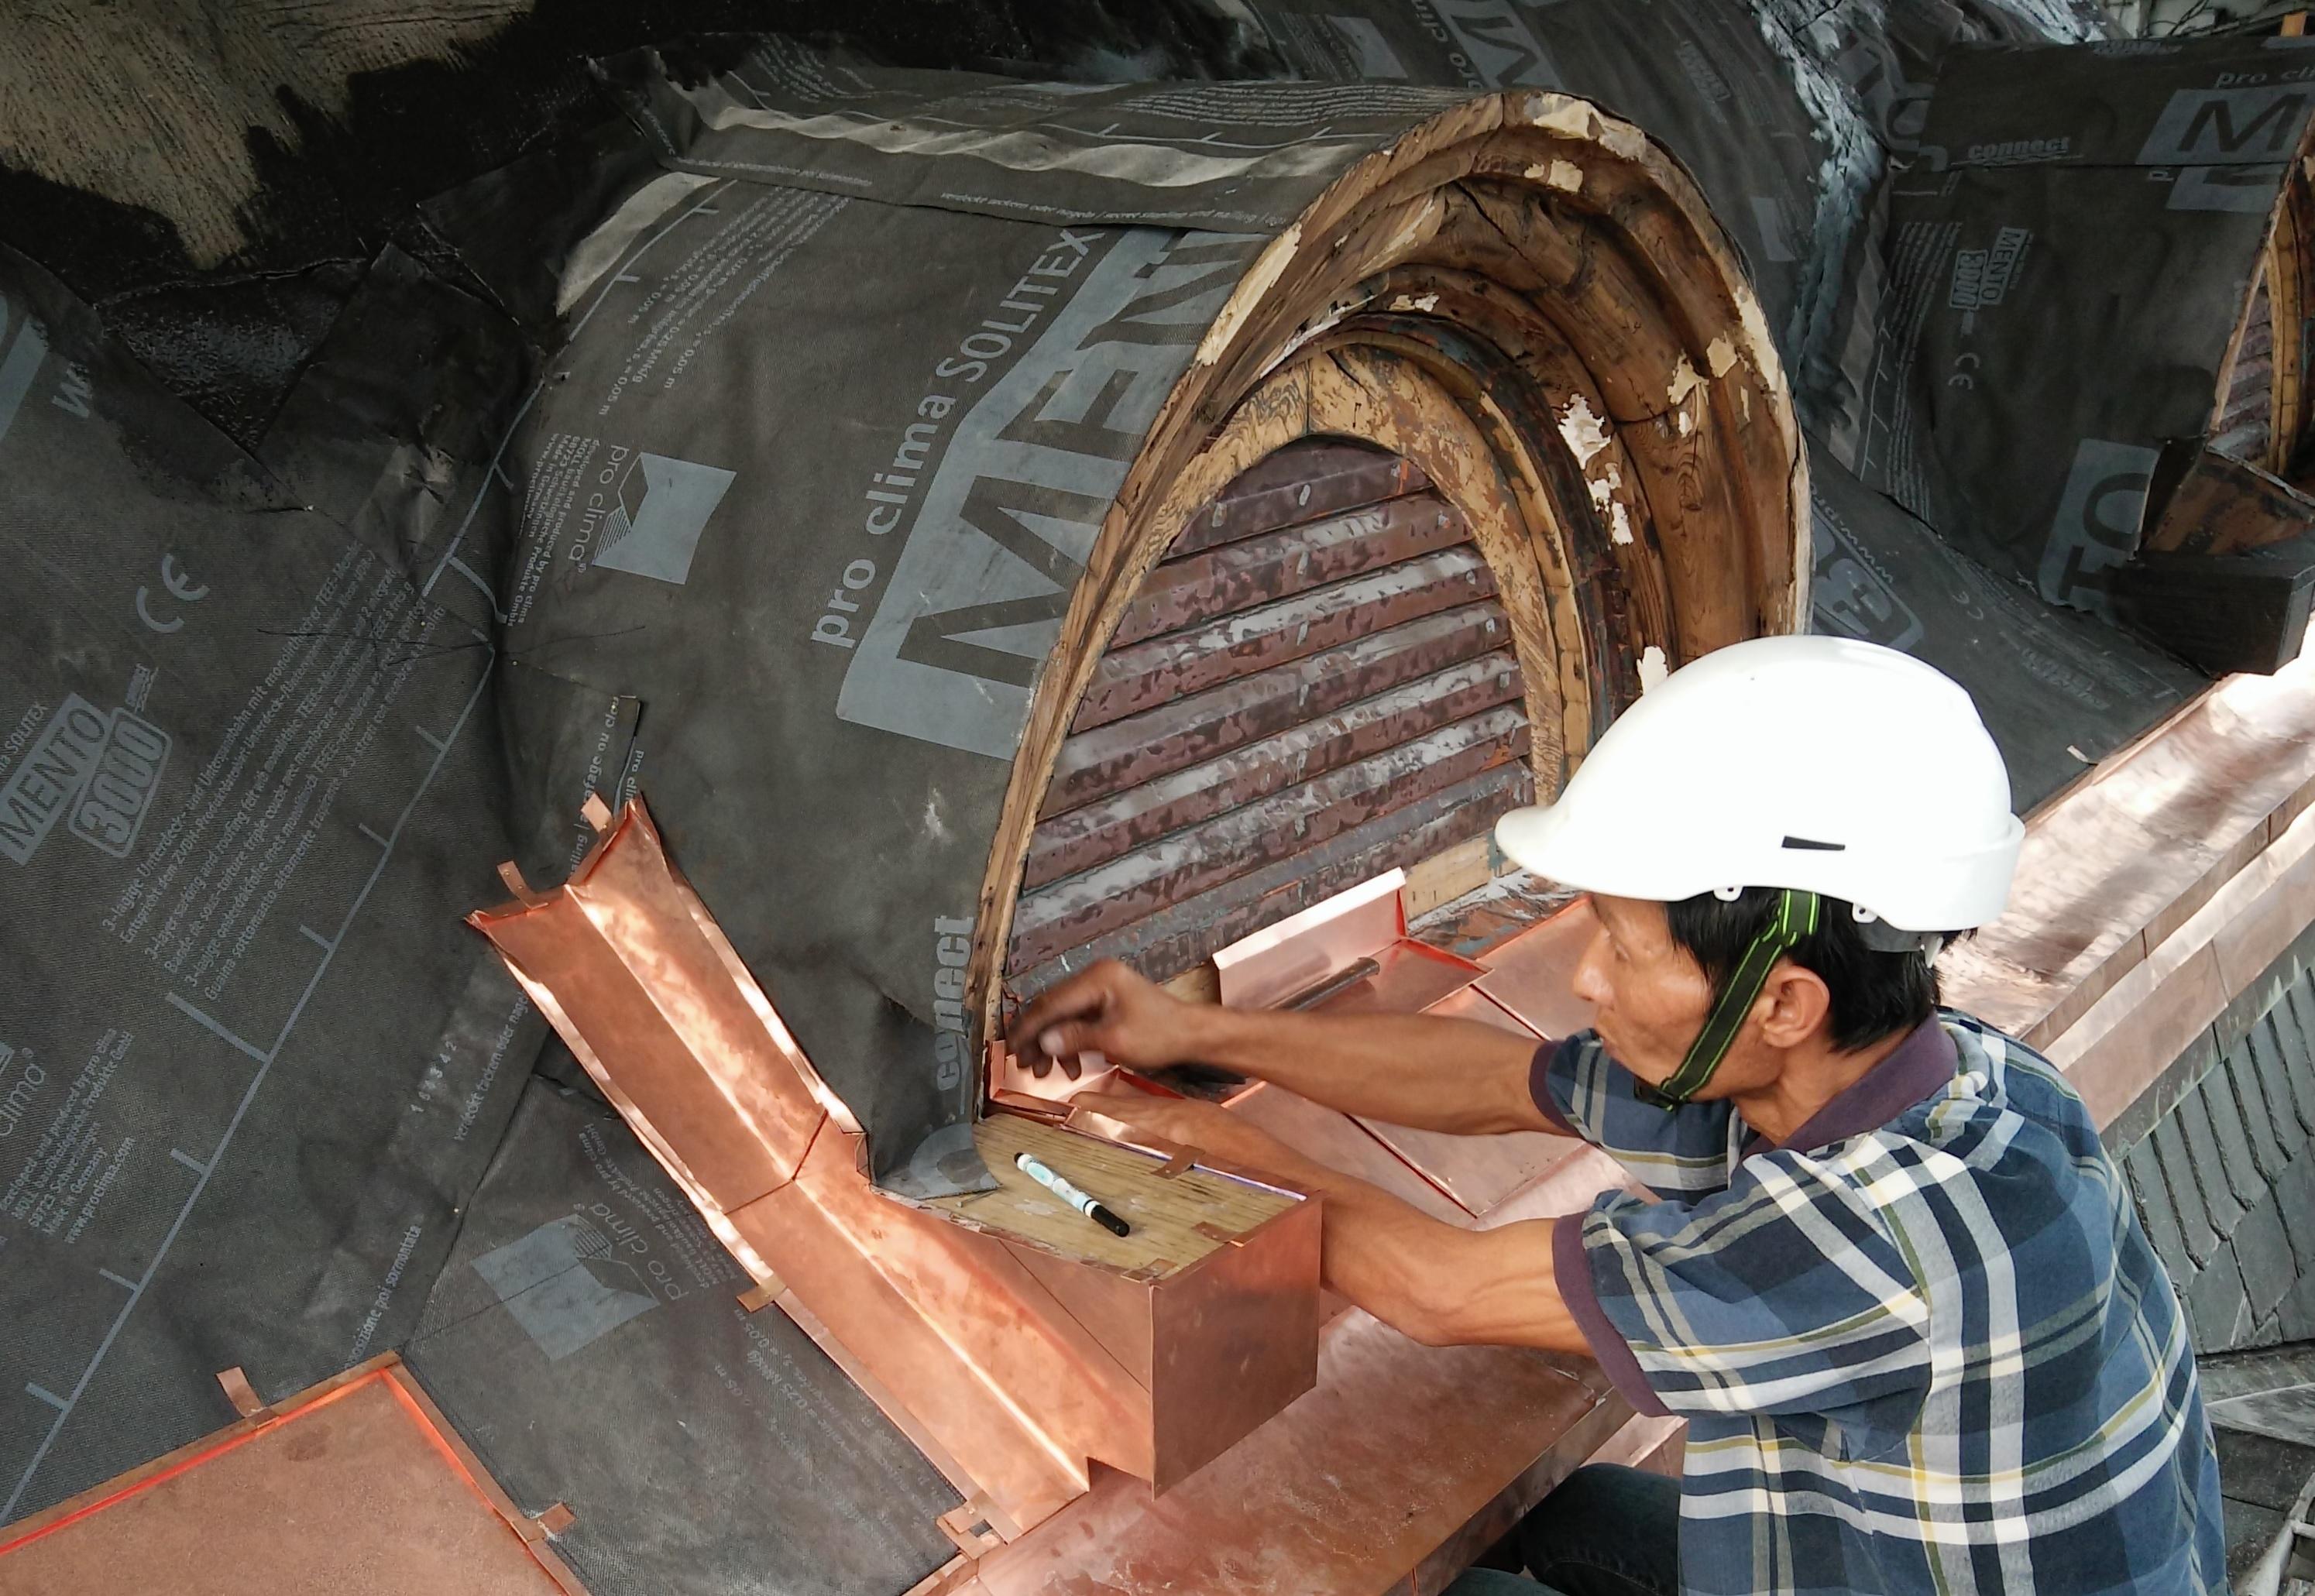 銅匠師現場施工